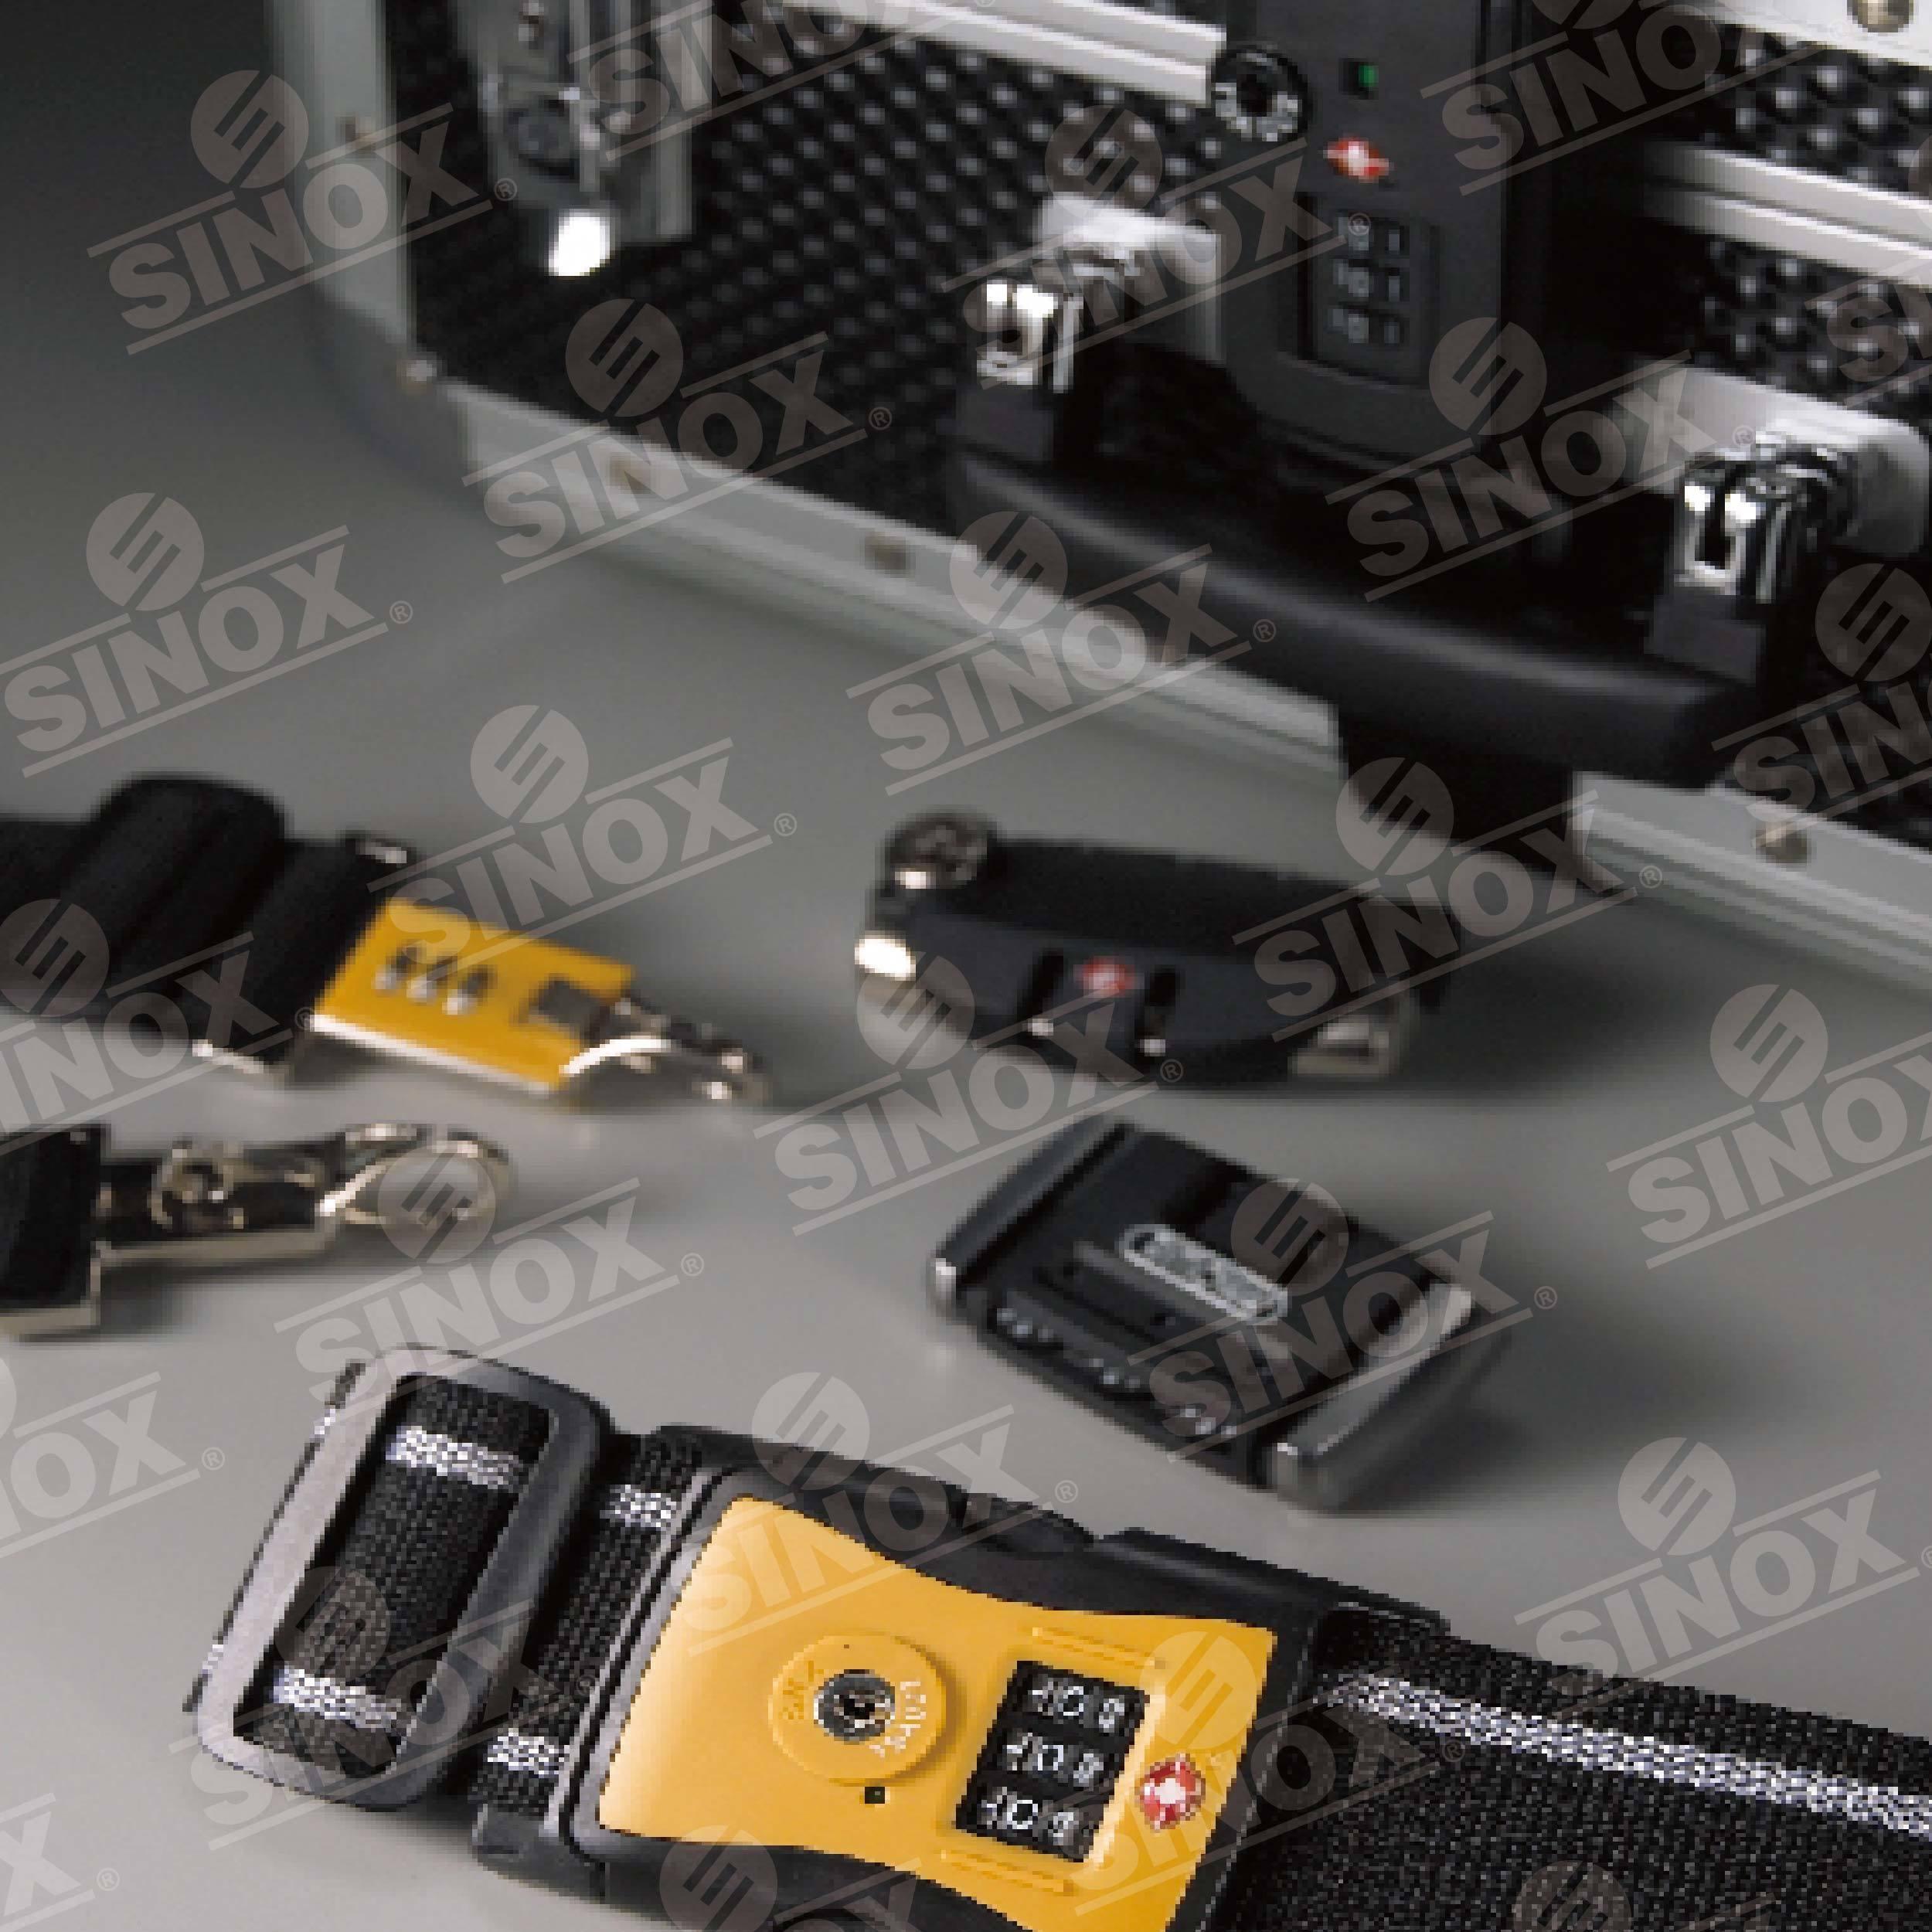 Premium Luggage Lock Made in Taiwan